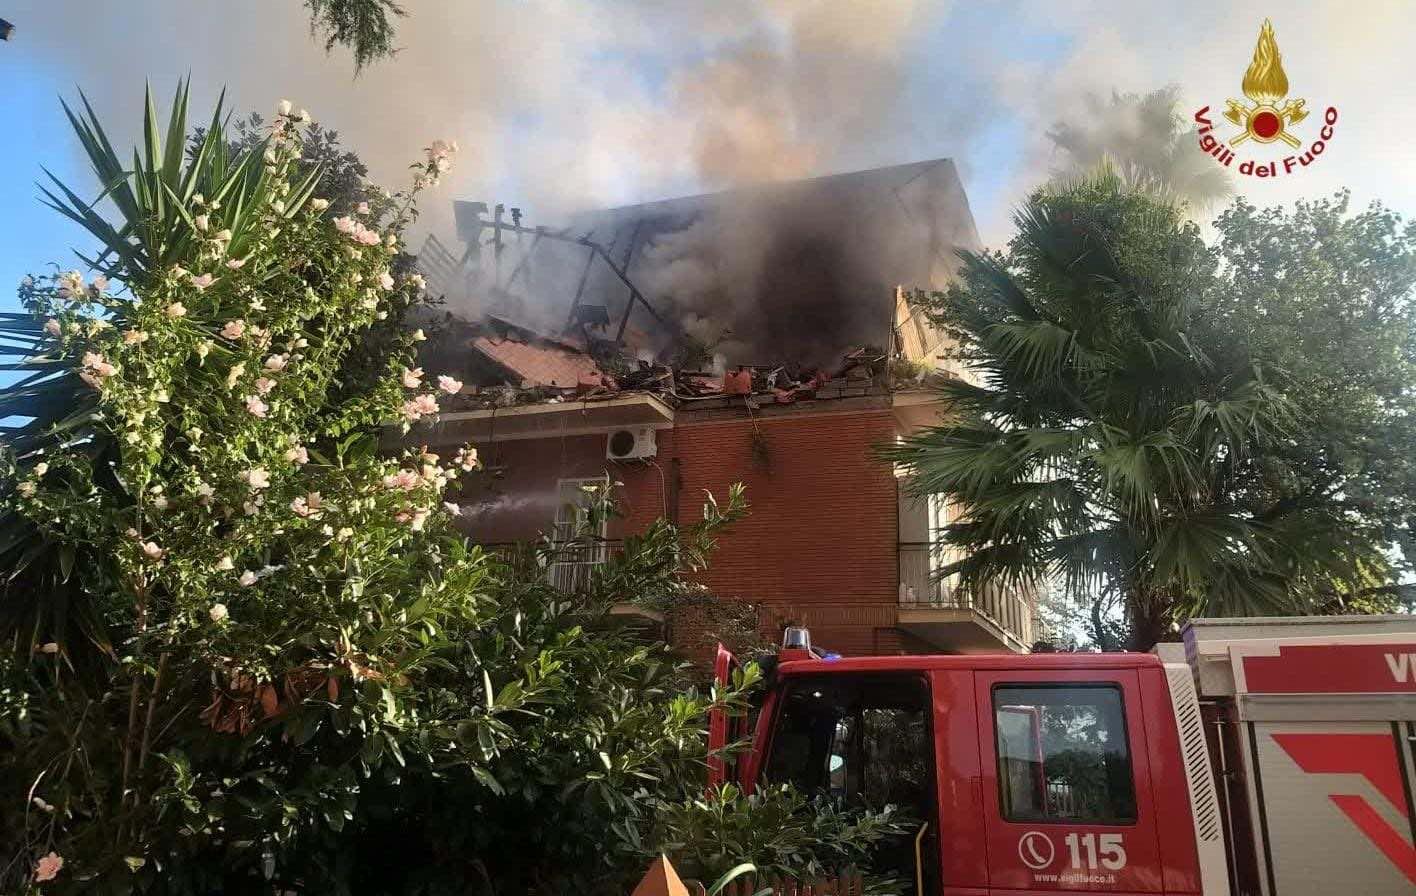 Roma: un'esplosione provoca il crollo di una palazzina. Si cercano i dispersi 1